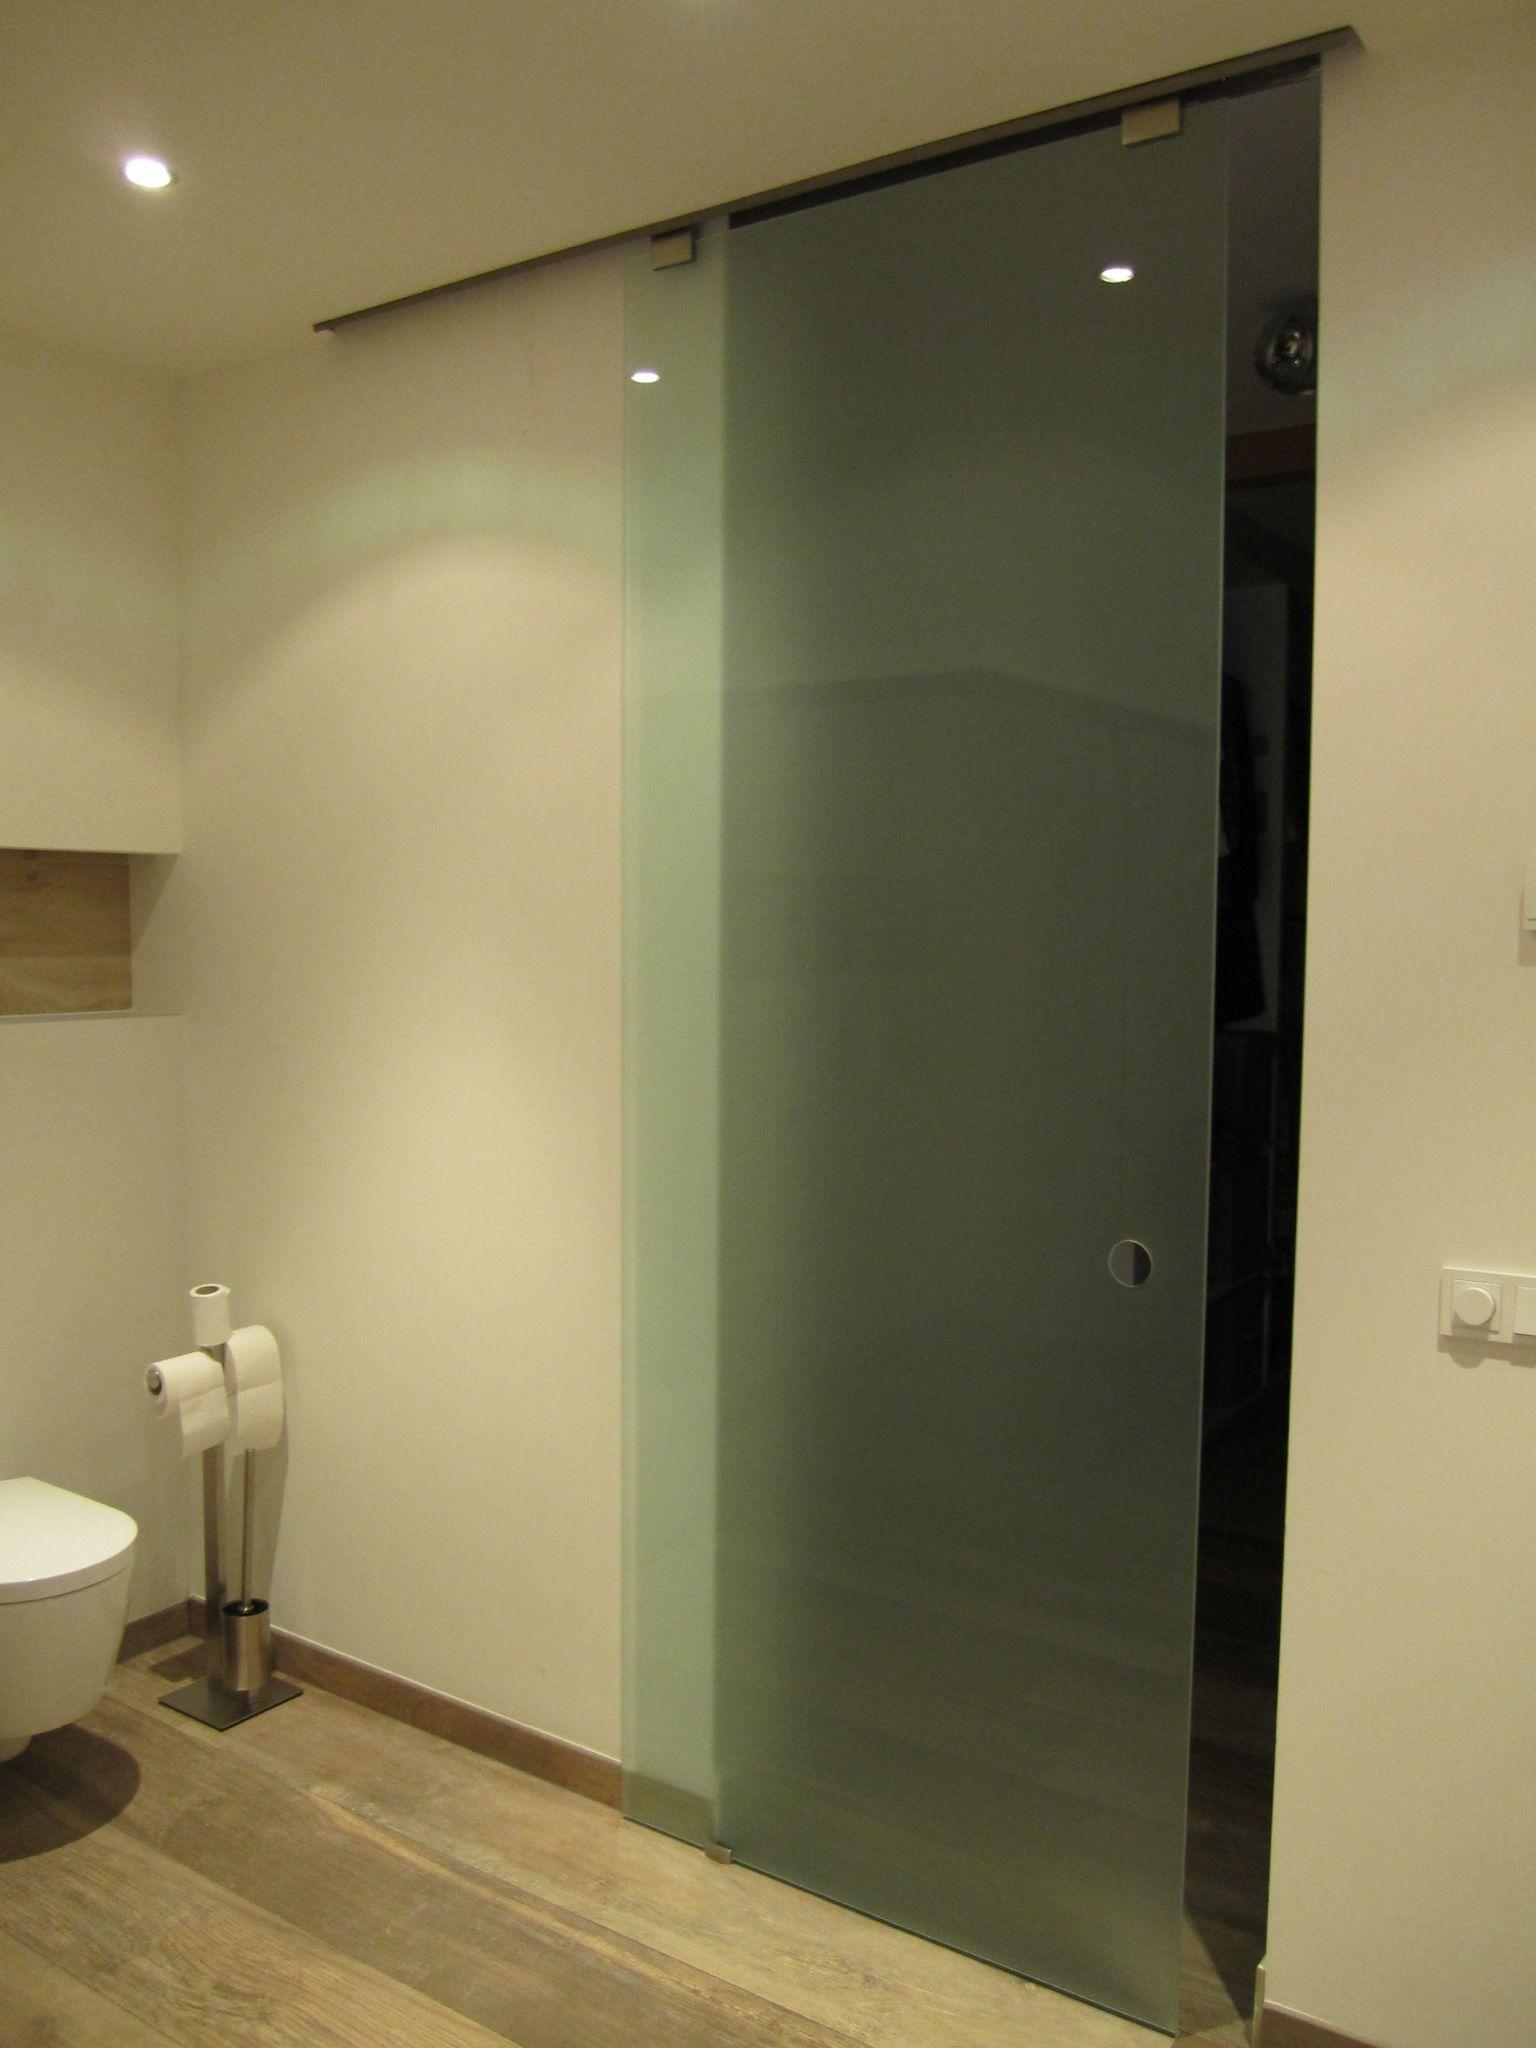 Satijnglazen schuifdeur bij het toilet Prachtige bi met het witte porselein en de houten vloer Schuifdeur Olaf vanaf € 429 00 bij Glazz